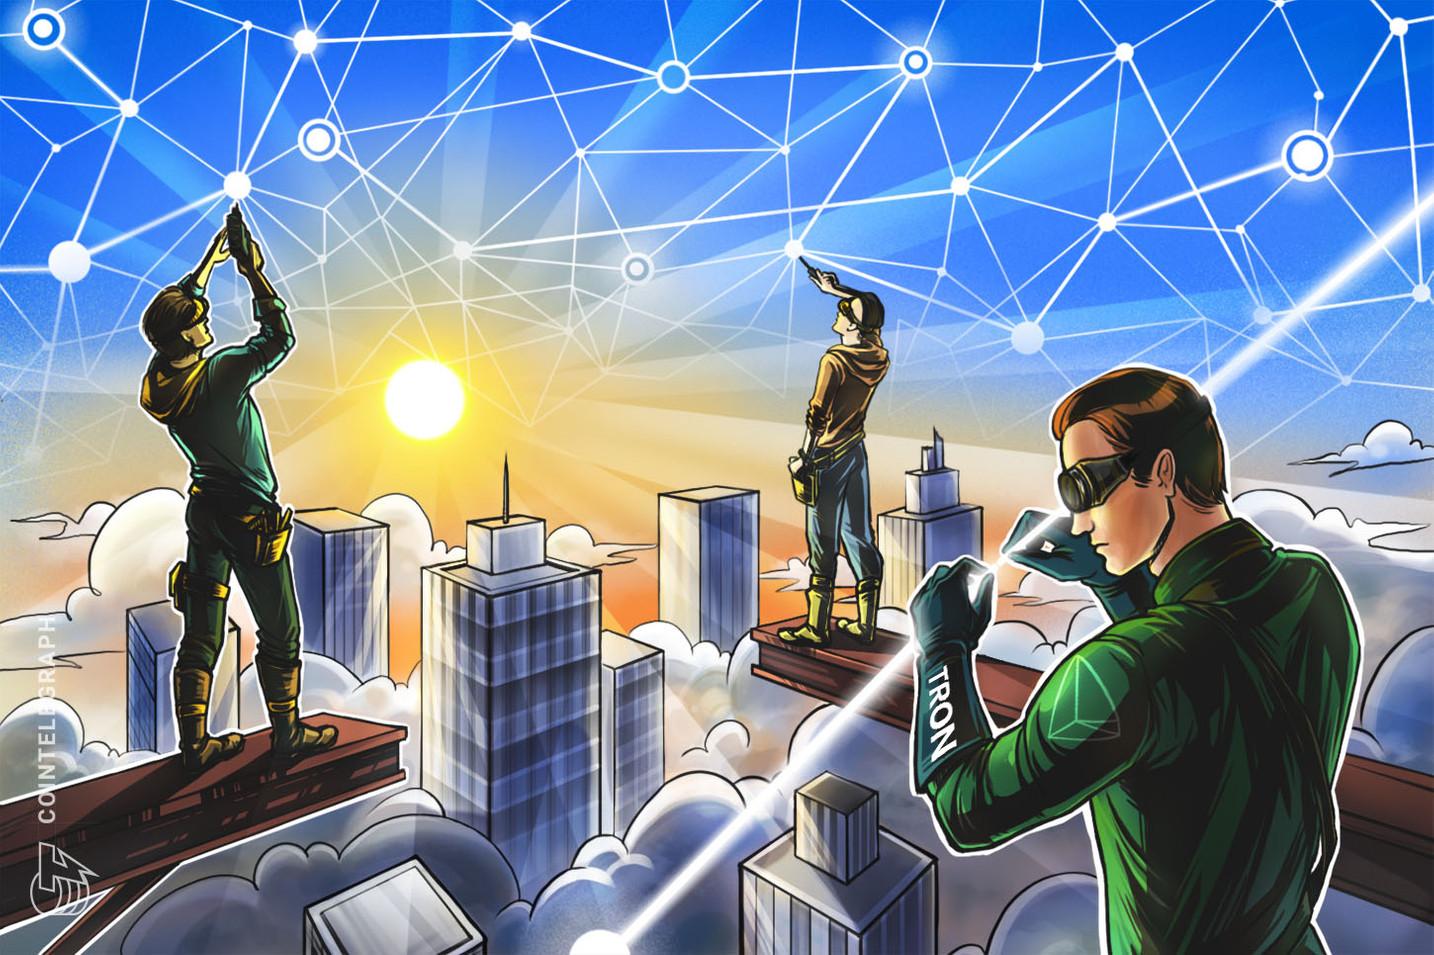 Tron annuncia il lancio del Sun Network, la soluzione second layer della rete